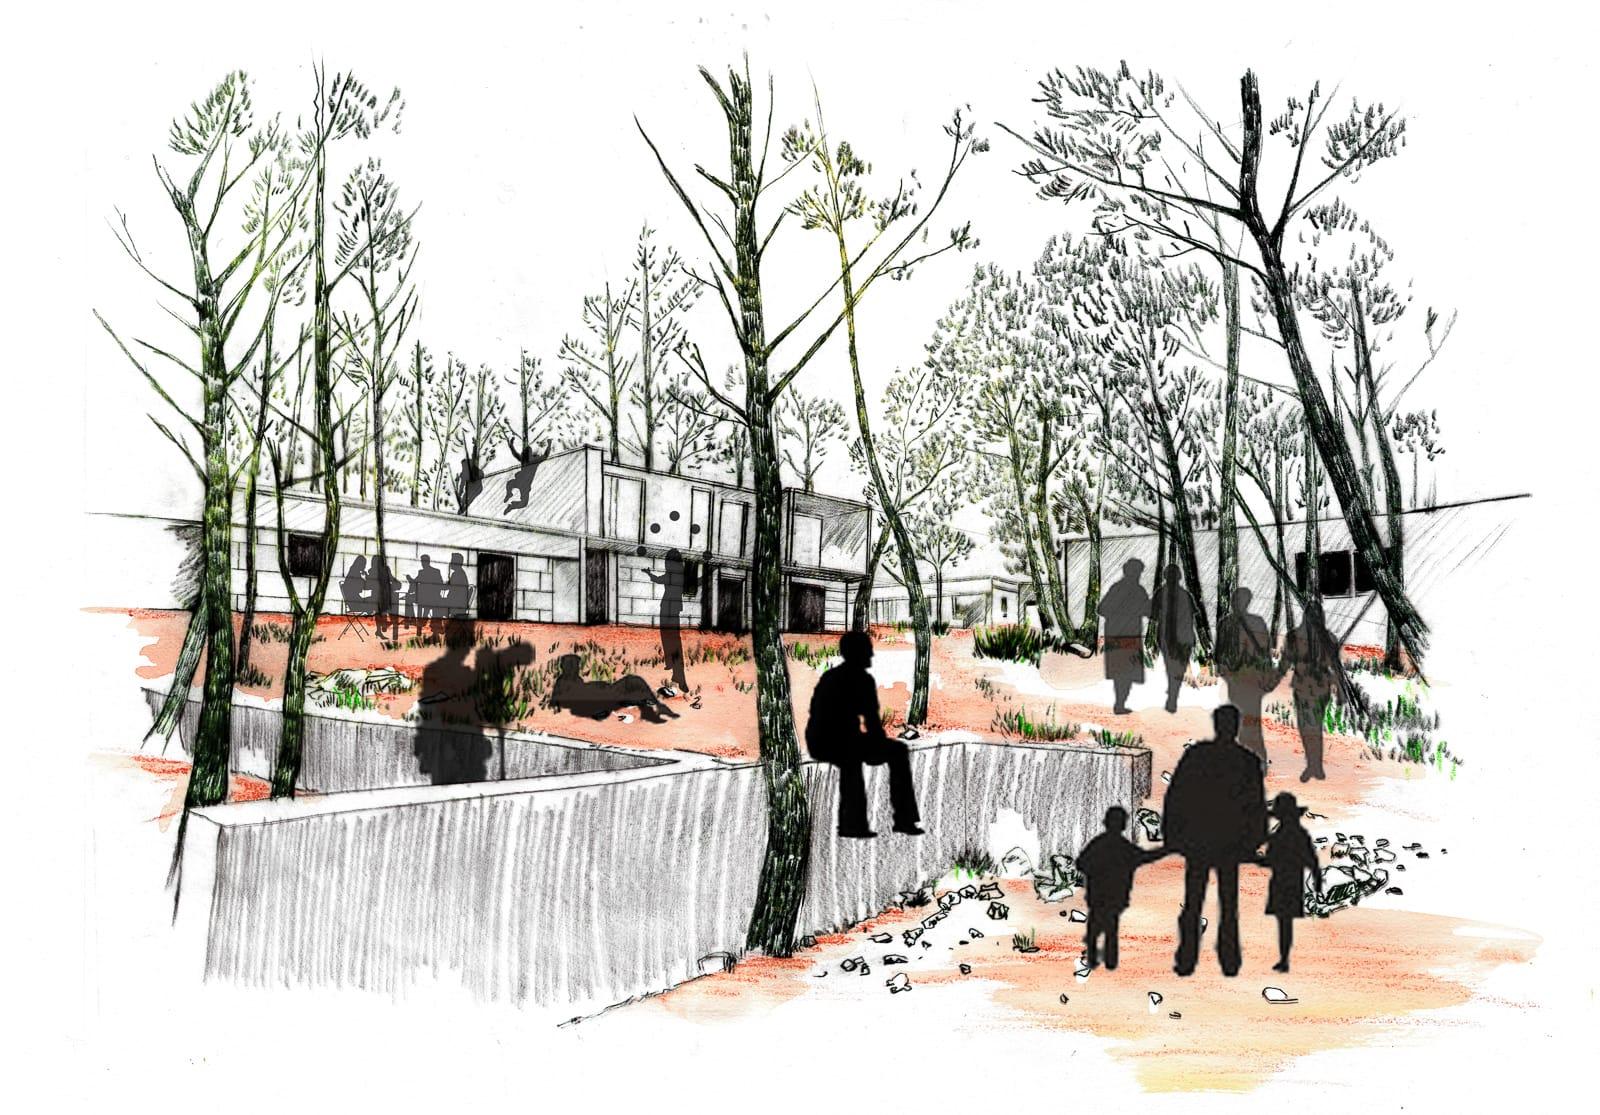 Dessin forêt habitée Frange ville nature Marseille Vallon de la mûr®Hermeline Carpentier